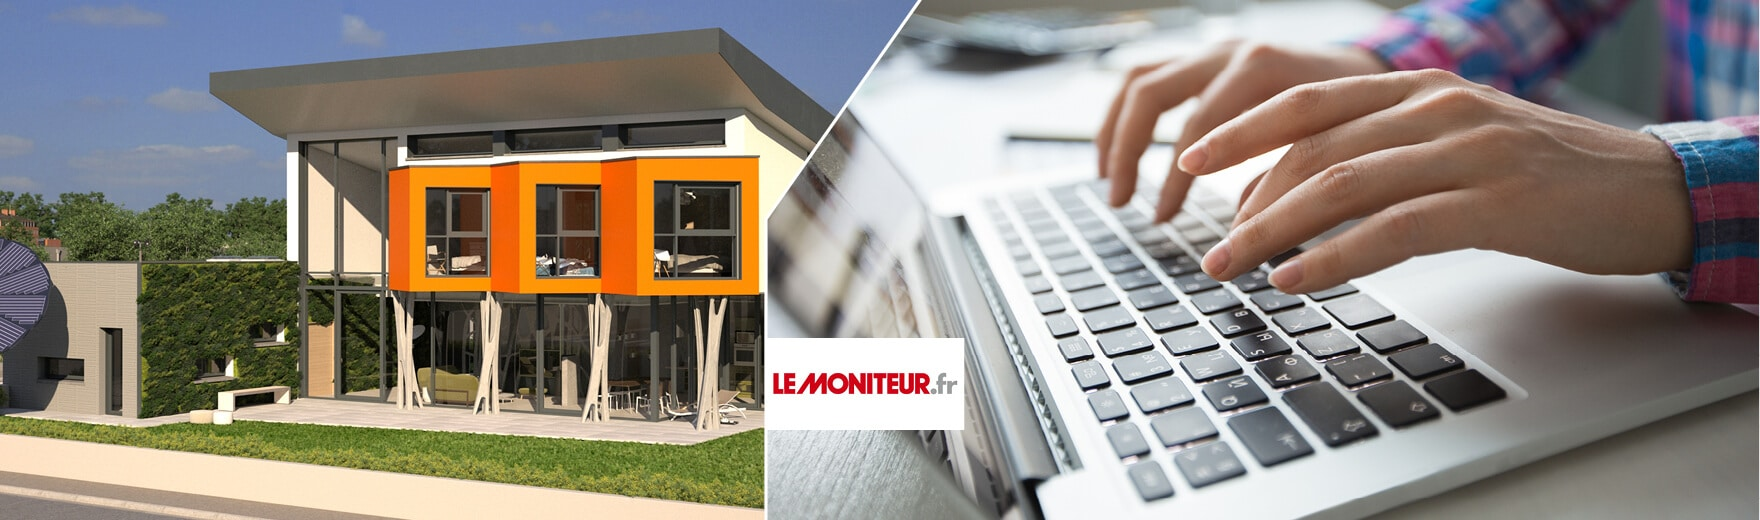 Actualités Le Moniteur : YRYS